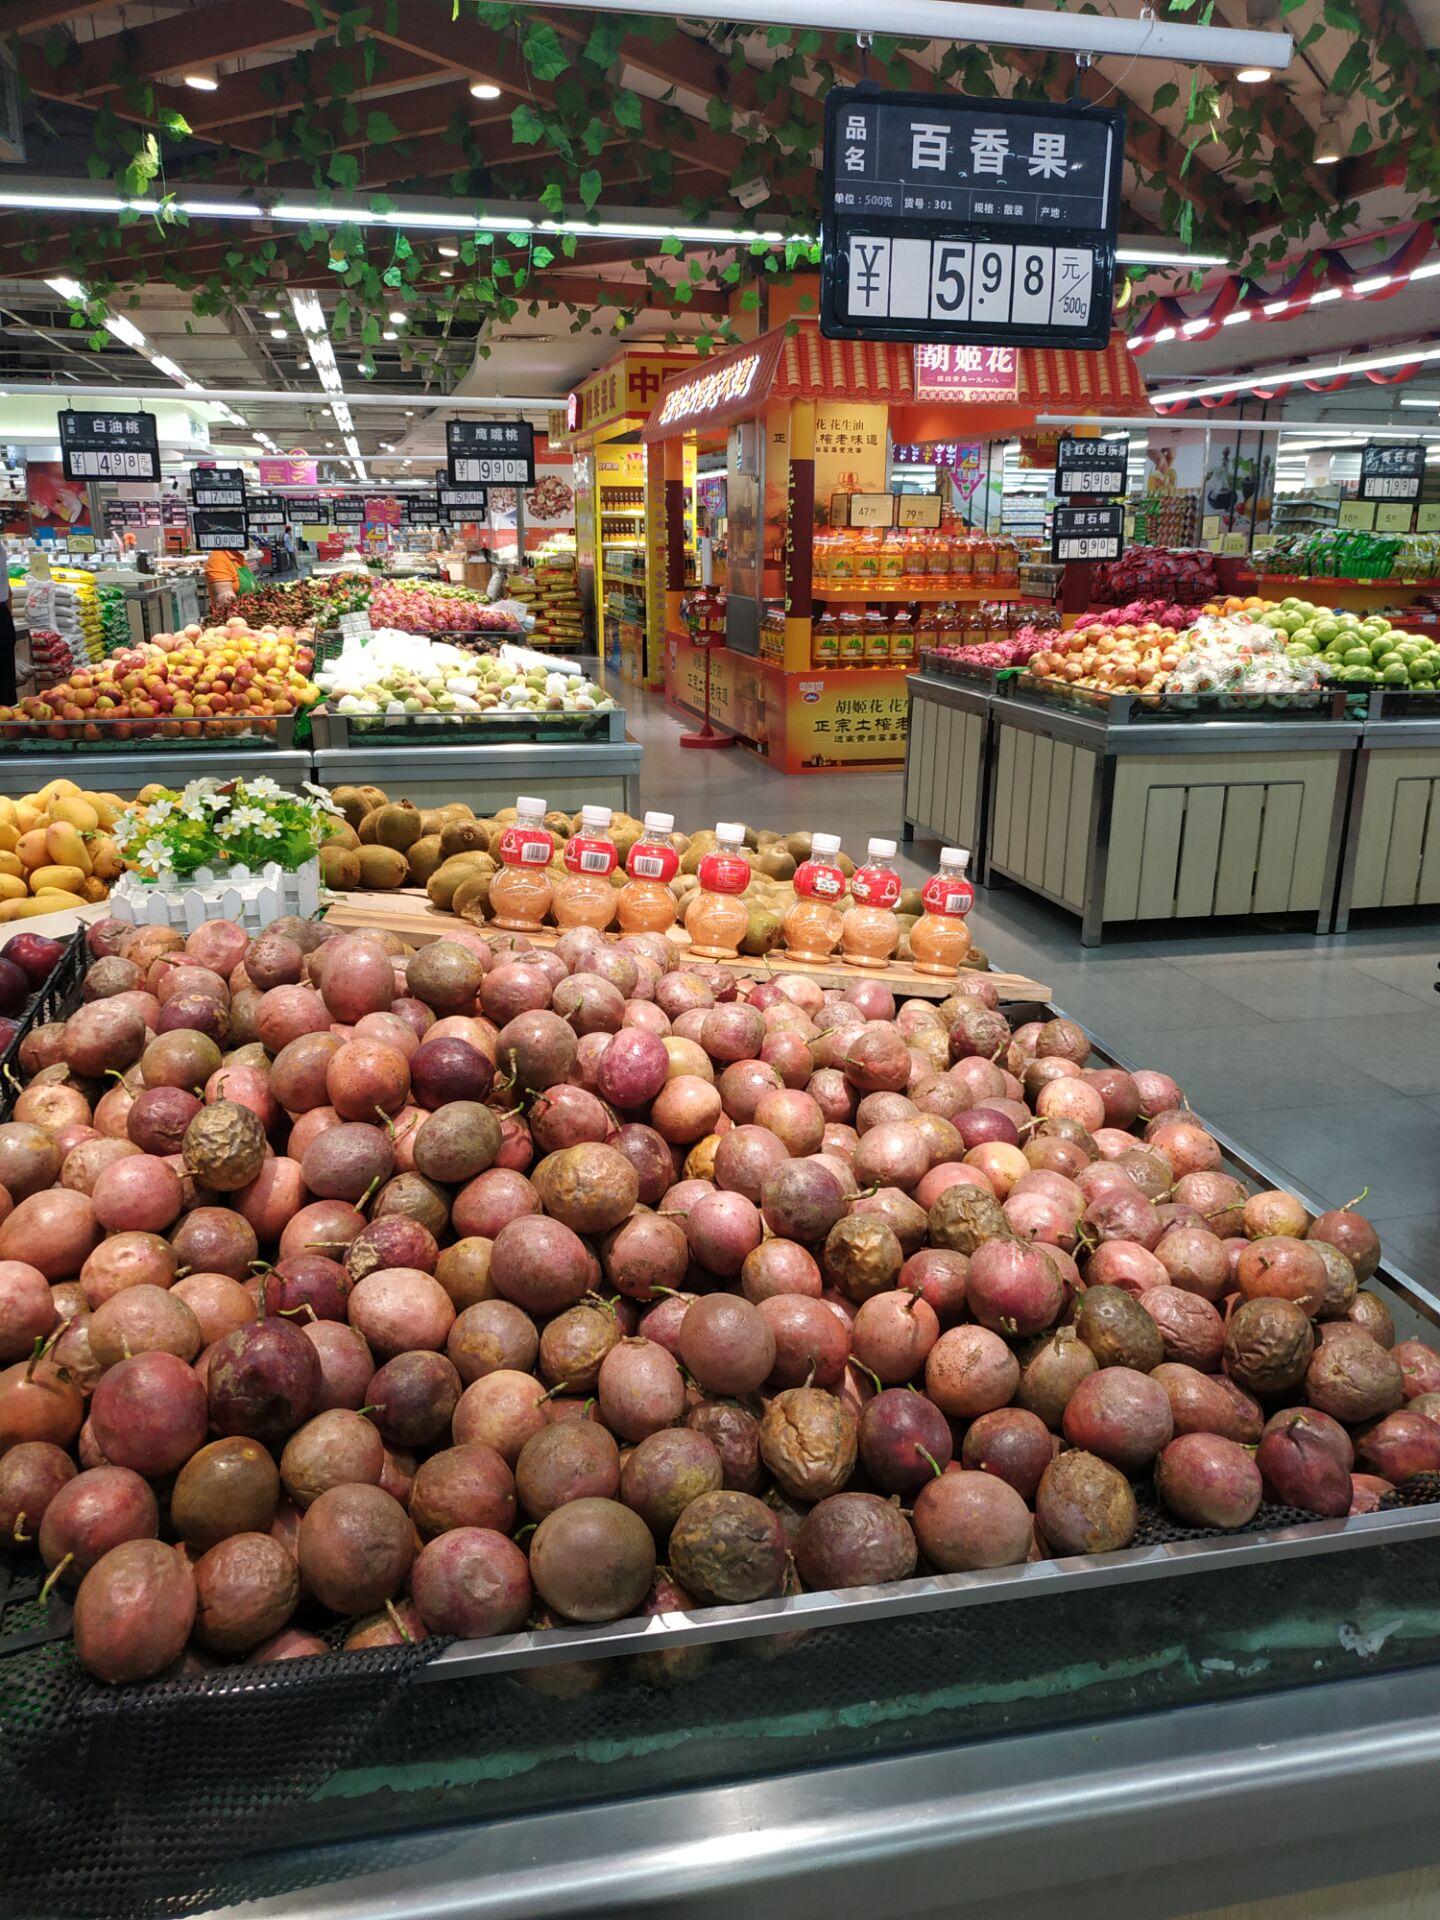 浅谈果价,百香果是不按套路出牌的水果